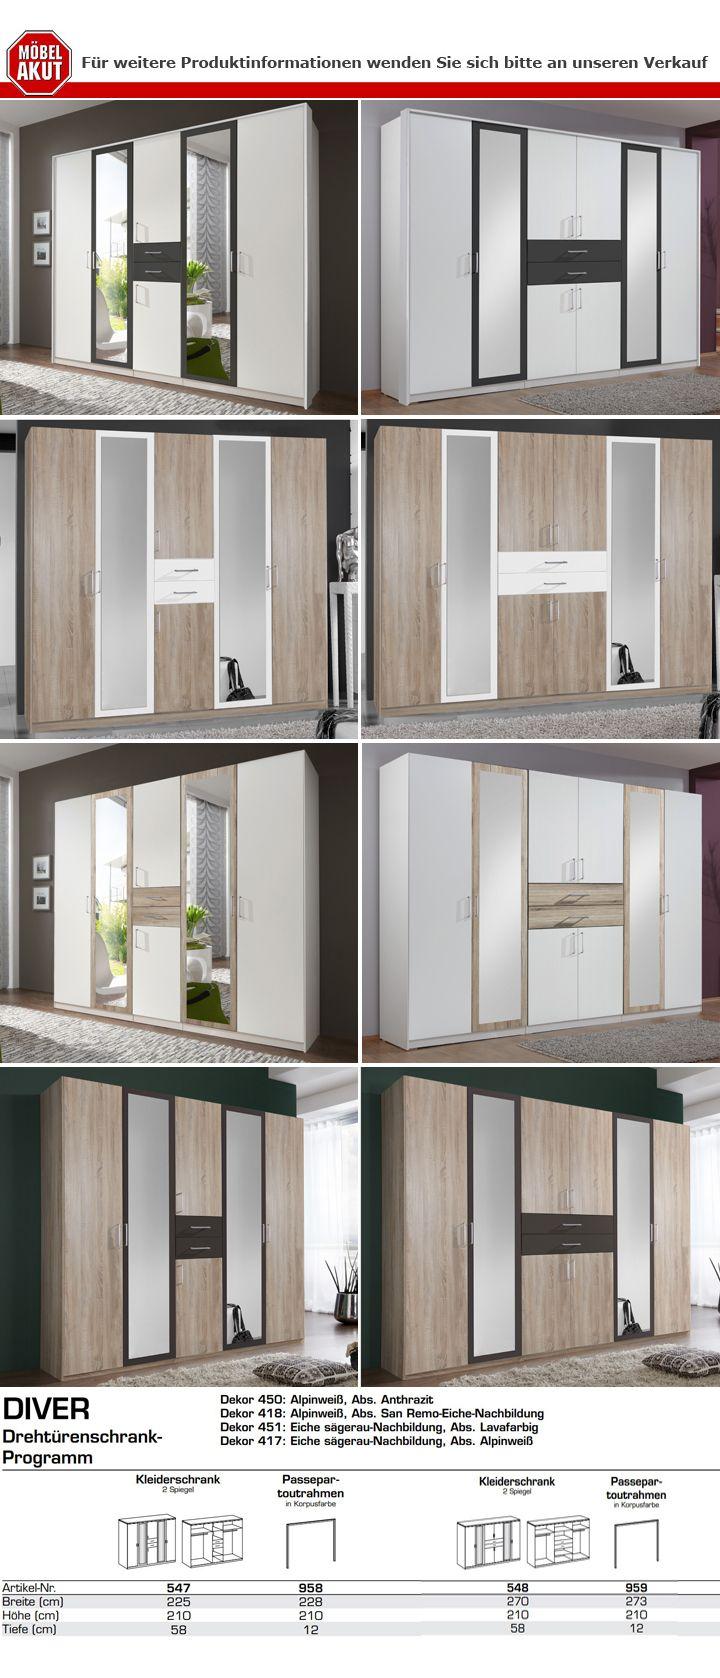 Kleiderschrank Diver Schrank Schlafzimmer weiß Absetzungen anthrazit B 270 cm  eBay